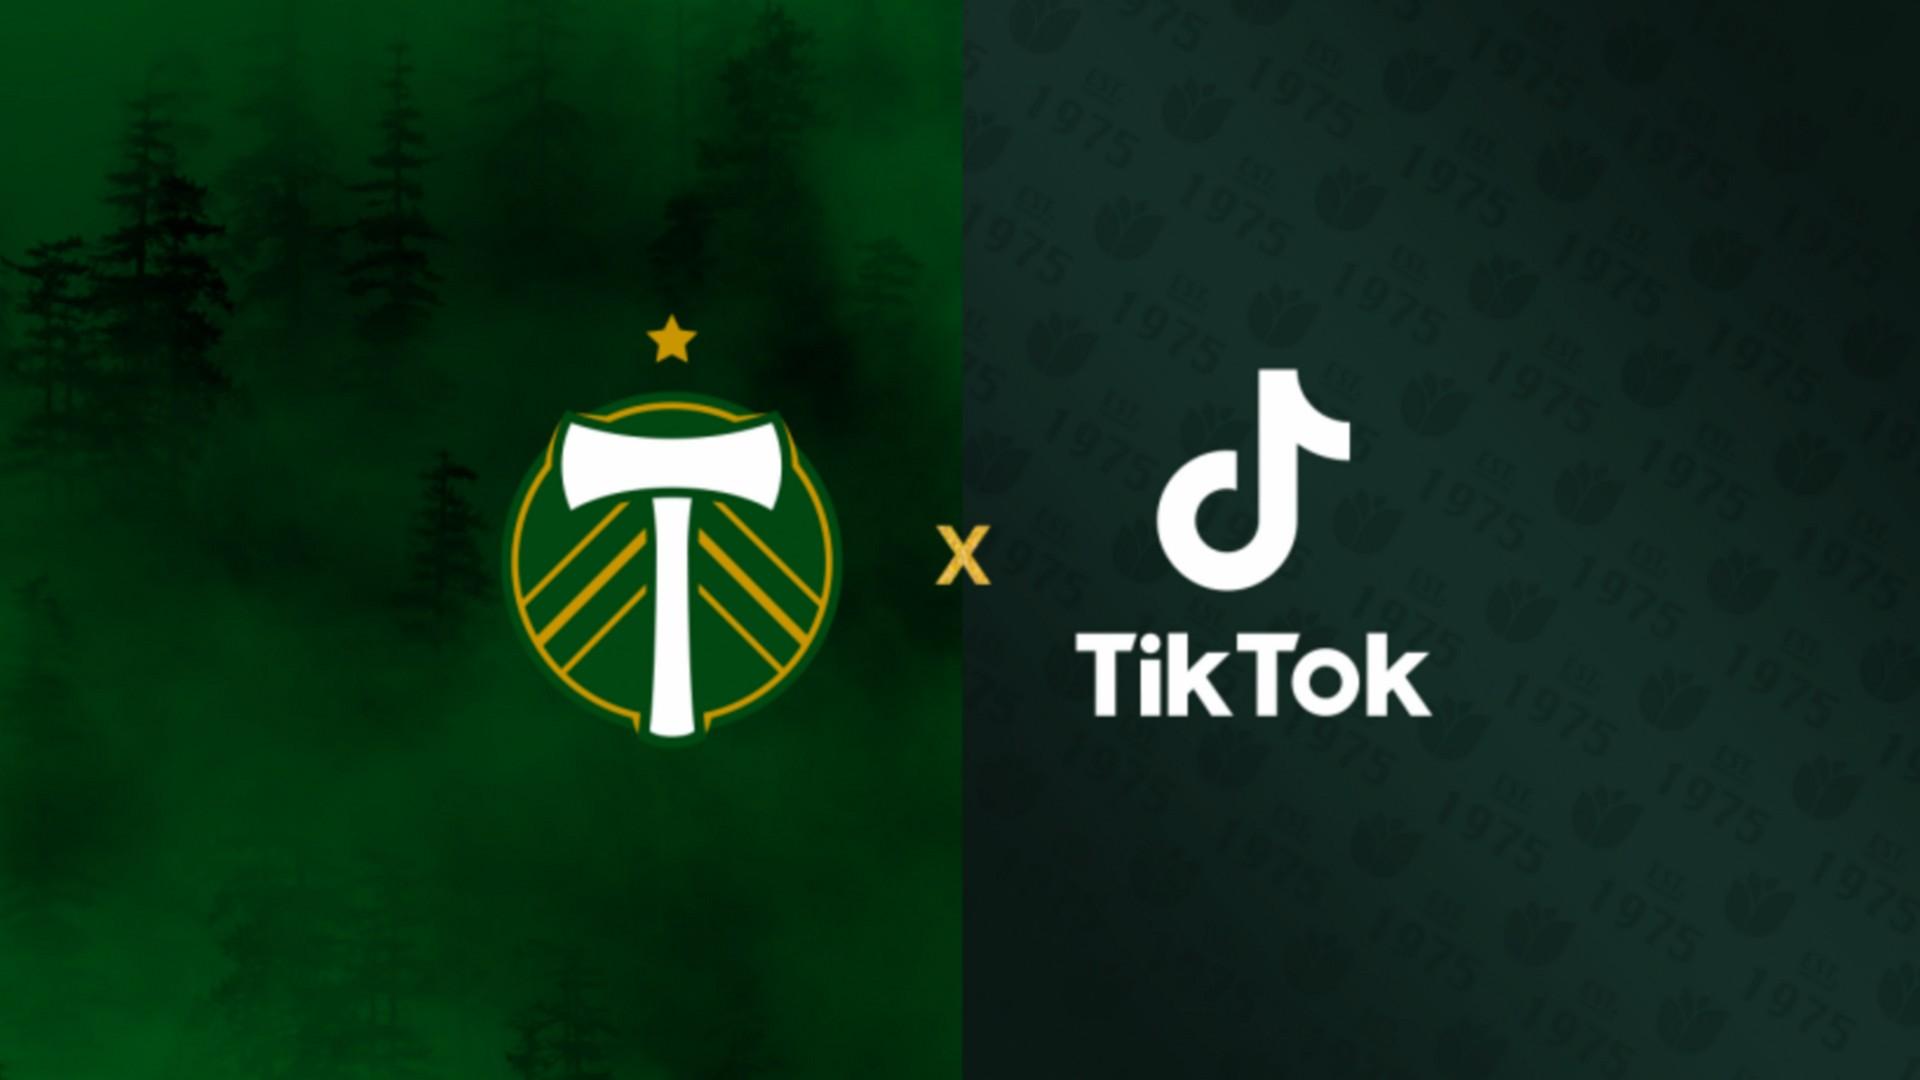 Tik Tok x Timbers (football) 2021